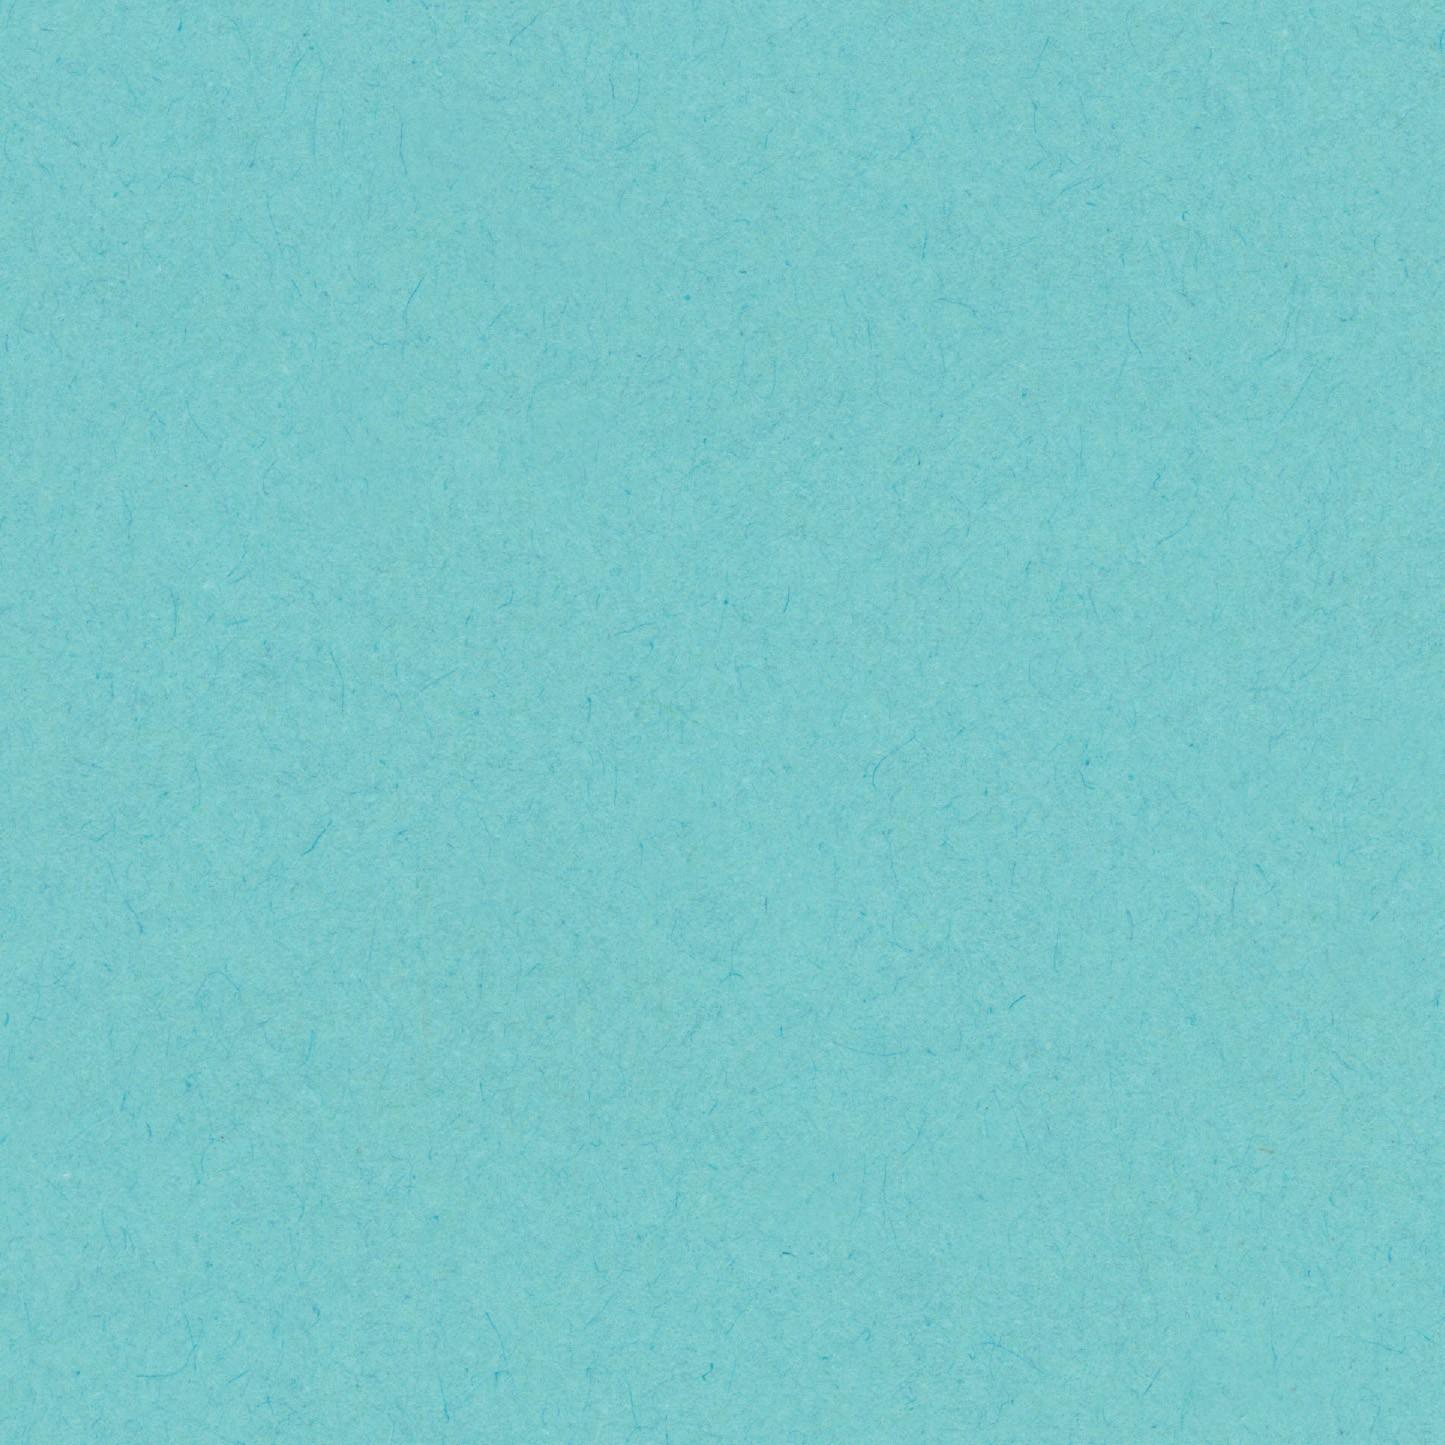 Blue - Aqua 150gsm